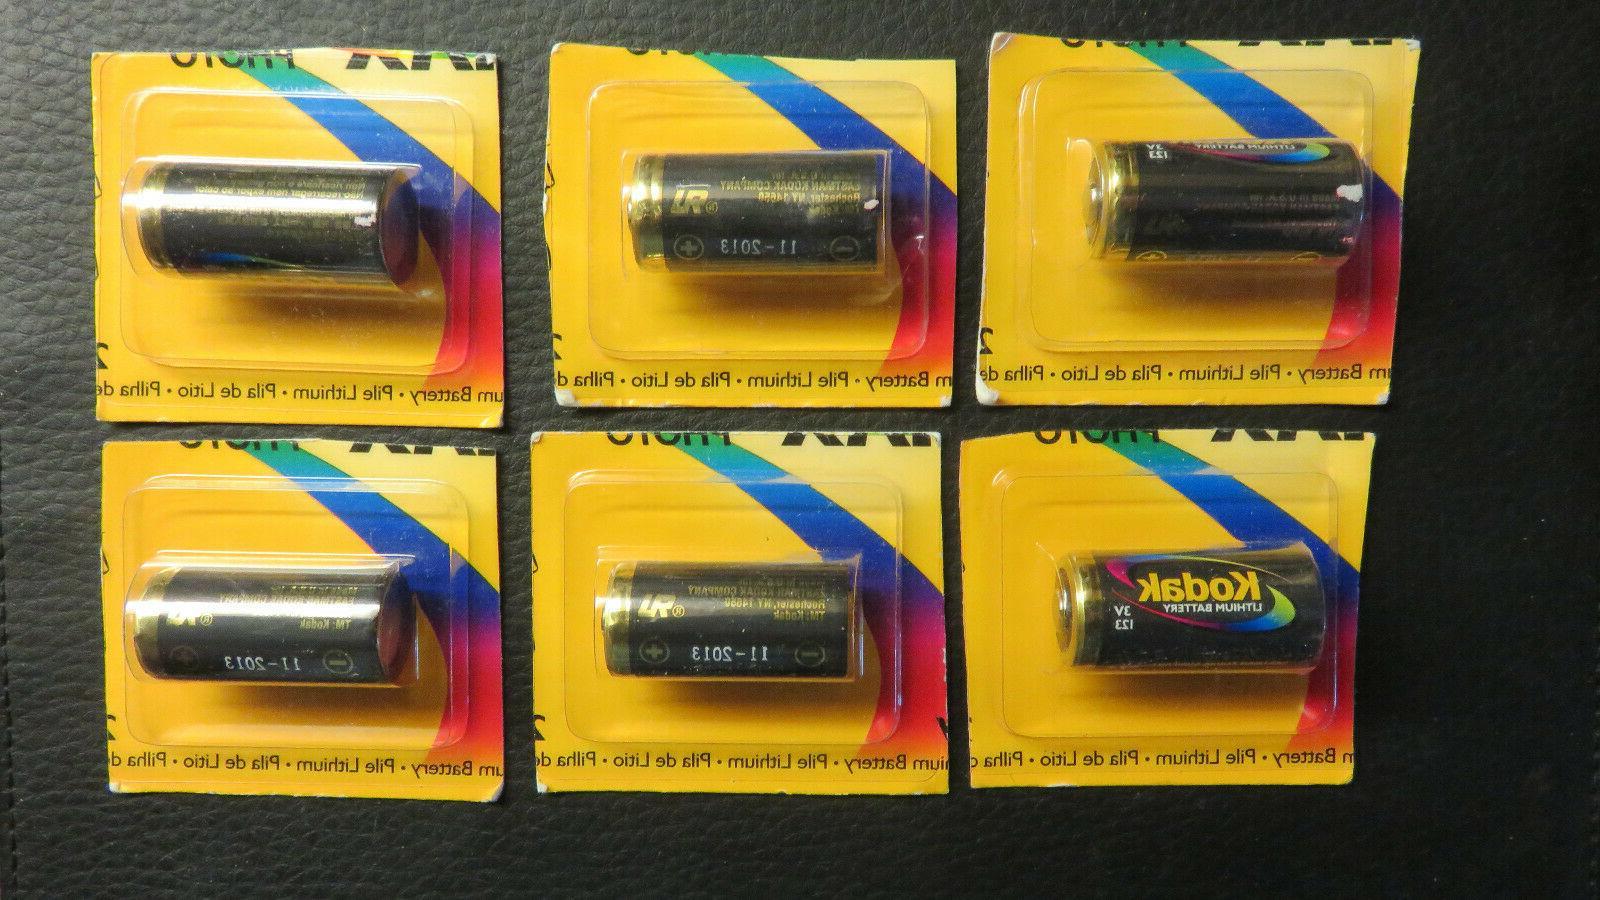 Lot of 15 - Kodak Max Photo123 Lithium Battery 1500mAh